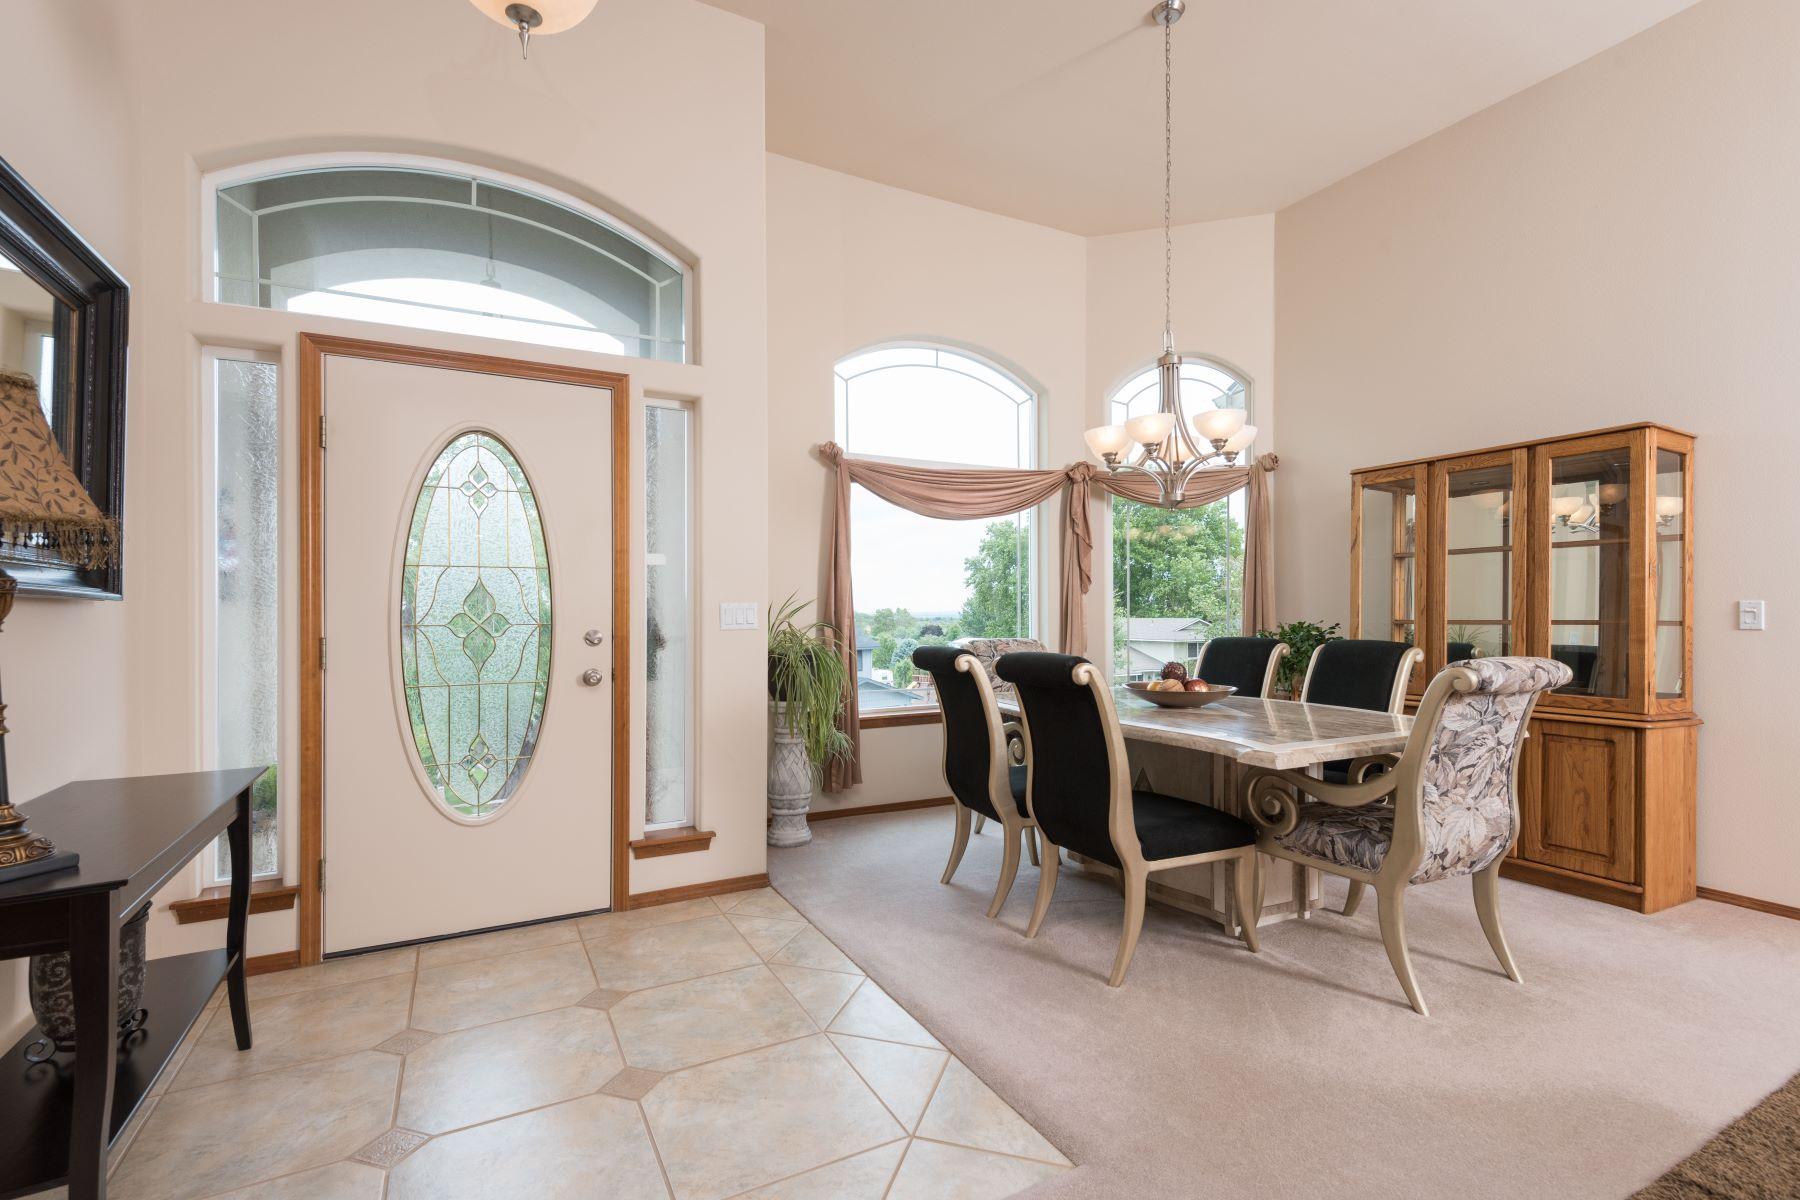 Частный односемейный дом для того Продажа на Fantastic city views and privacy 6047 W 20th Ave Kennewick, Вашингтон 99338 Соединенные Штаты